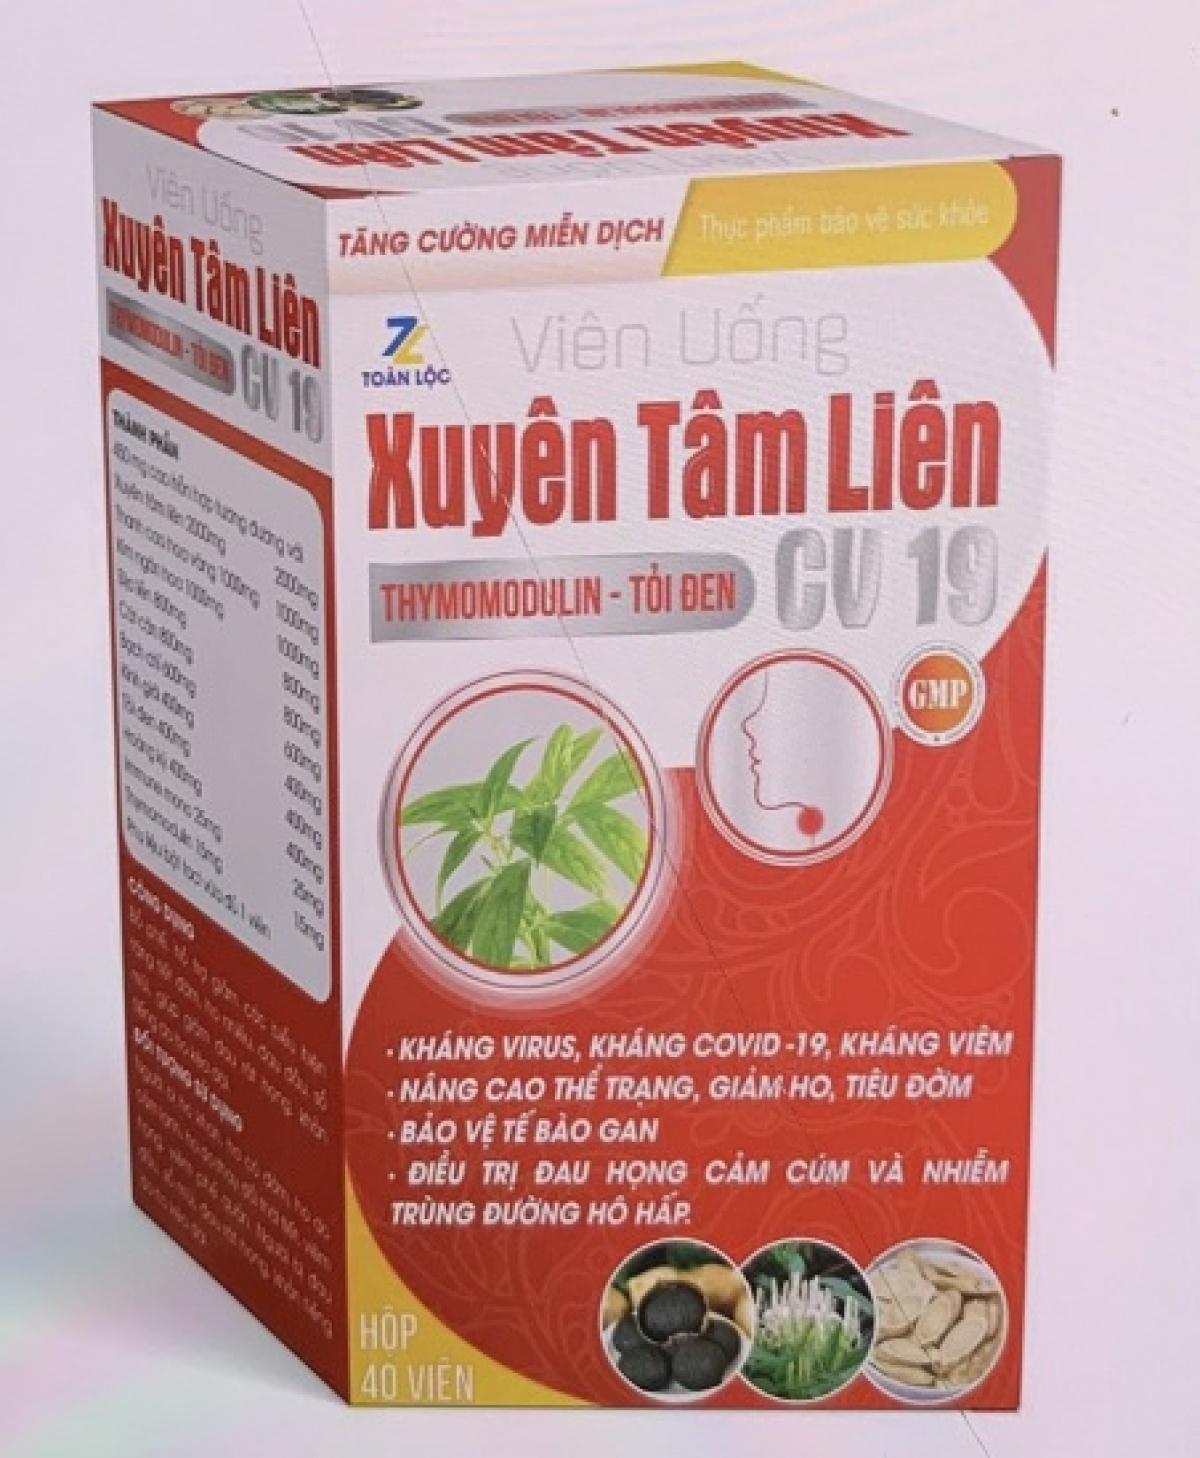 Sản phẩm xuyên tâm liên quảng cáo công dụng kháng COVID-19 này là giả mạo. Ảnh: Bộ Y tế.